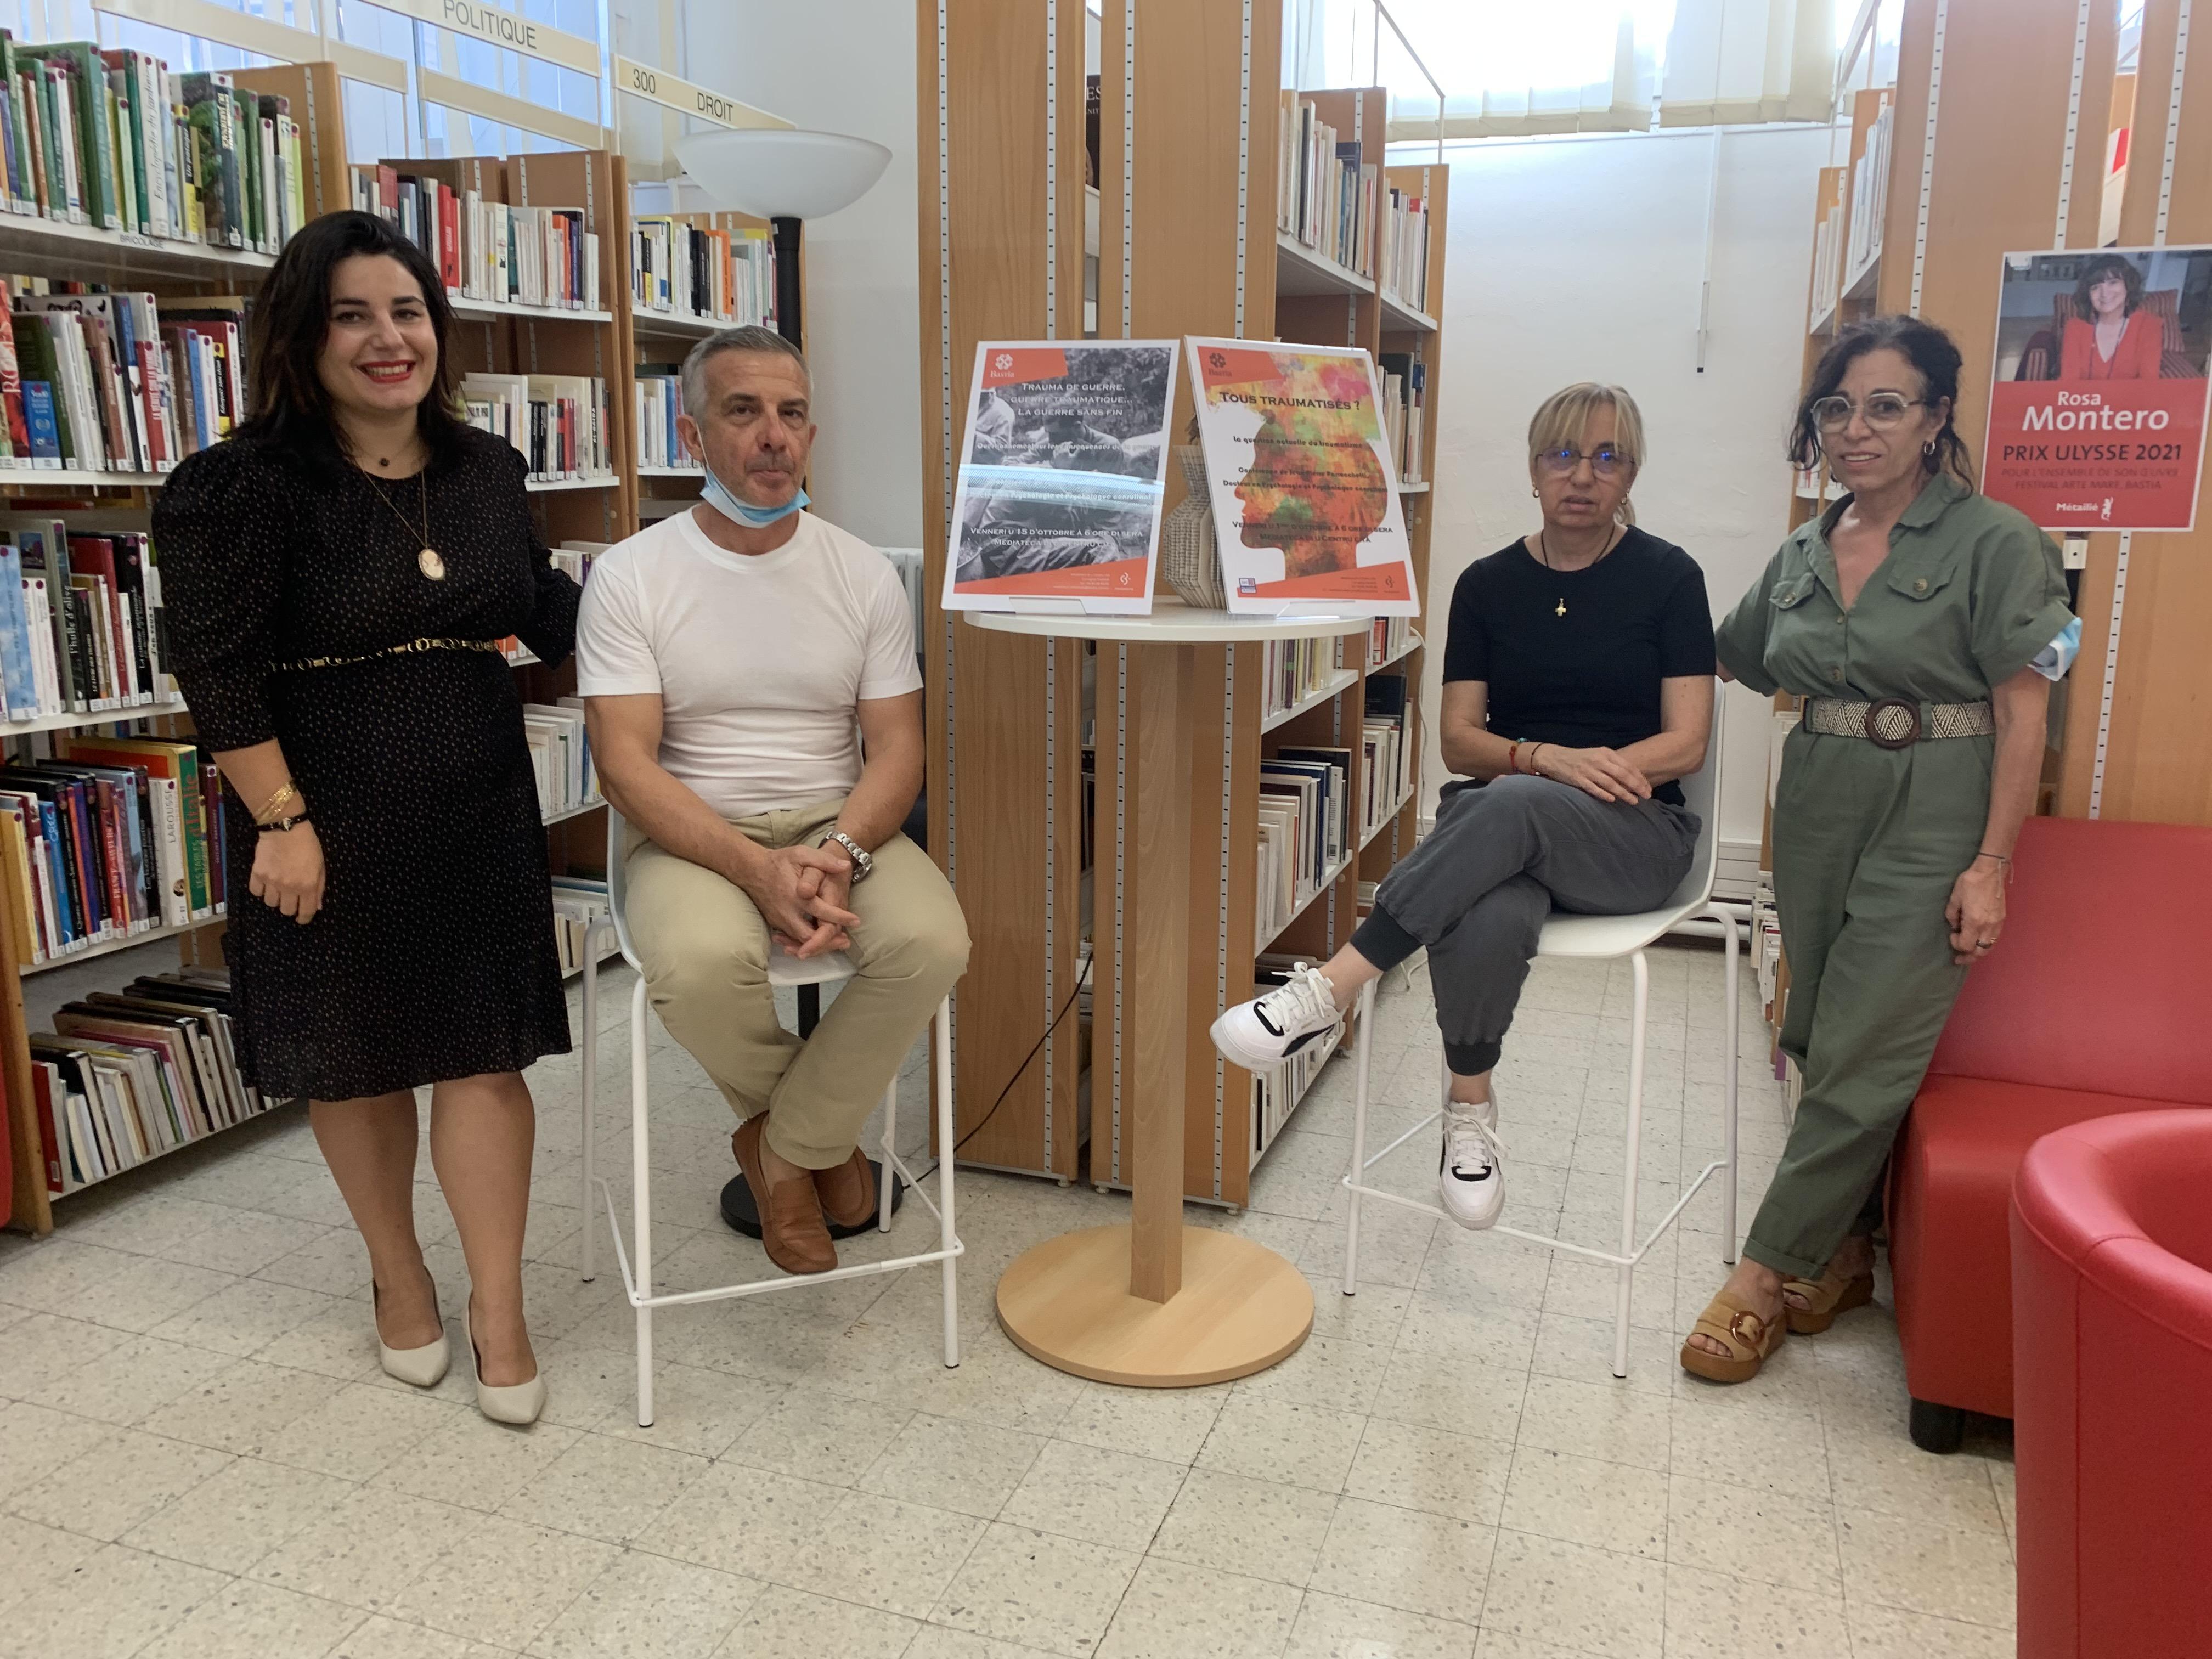 Jean-Pierre Parrocchetti et l'équipe de la bibilothèque centrale vous attendent ce vendredi pour la 1ère d'un cycle de 3 conférences.